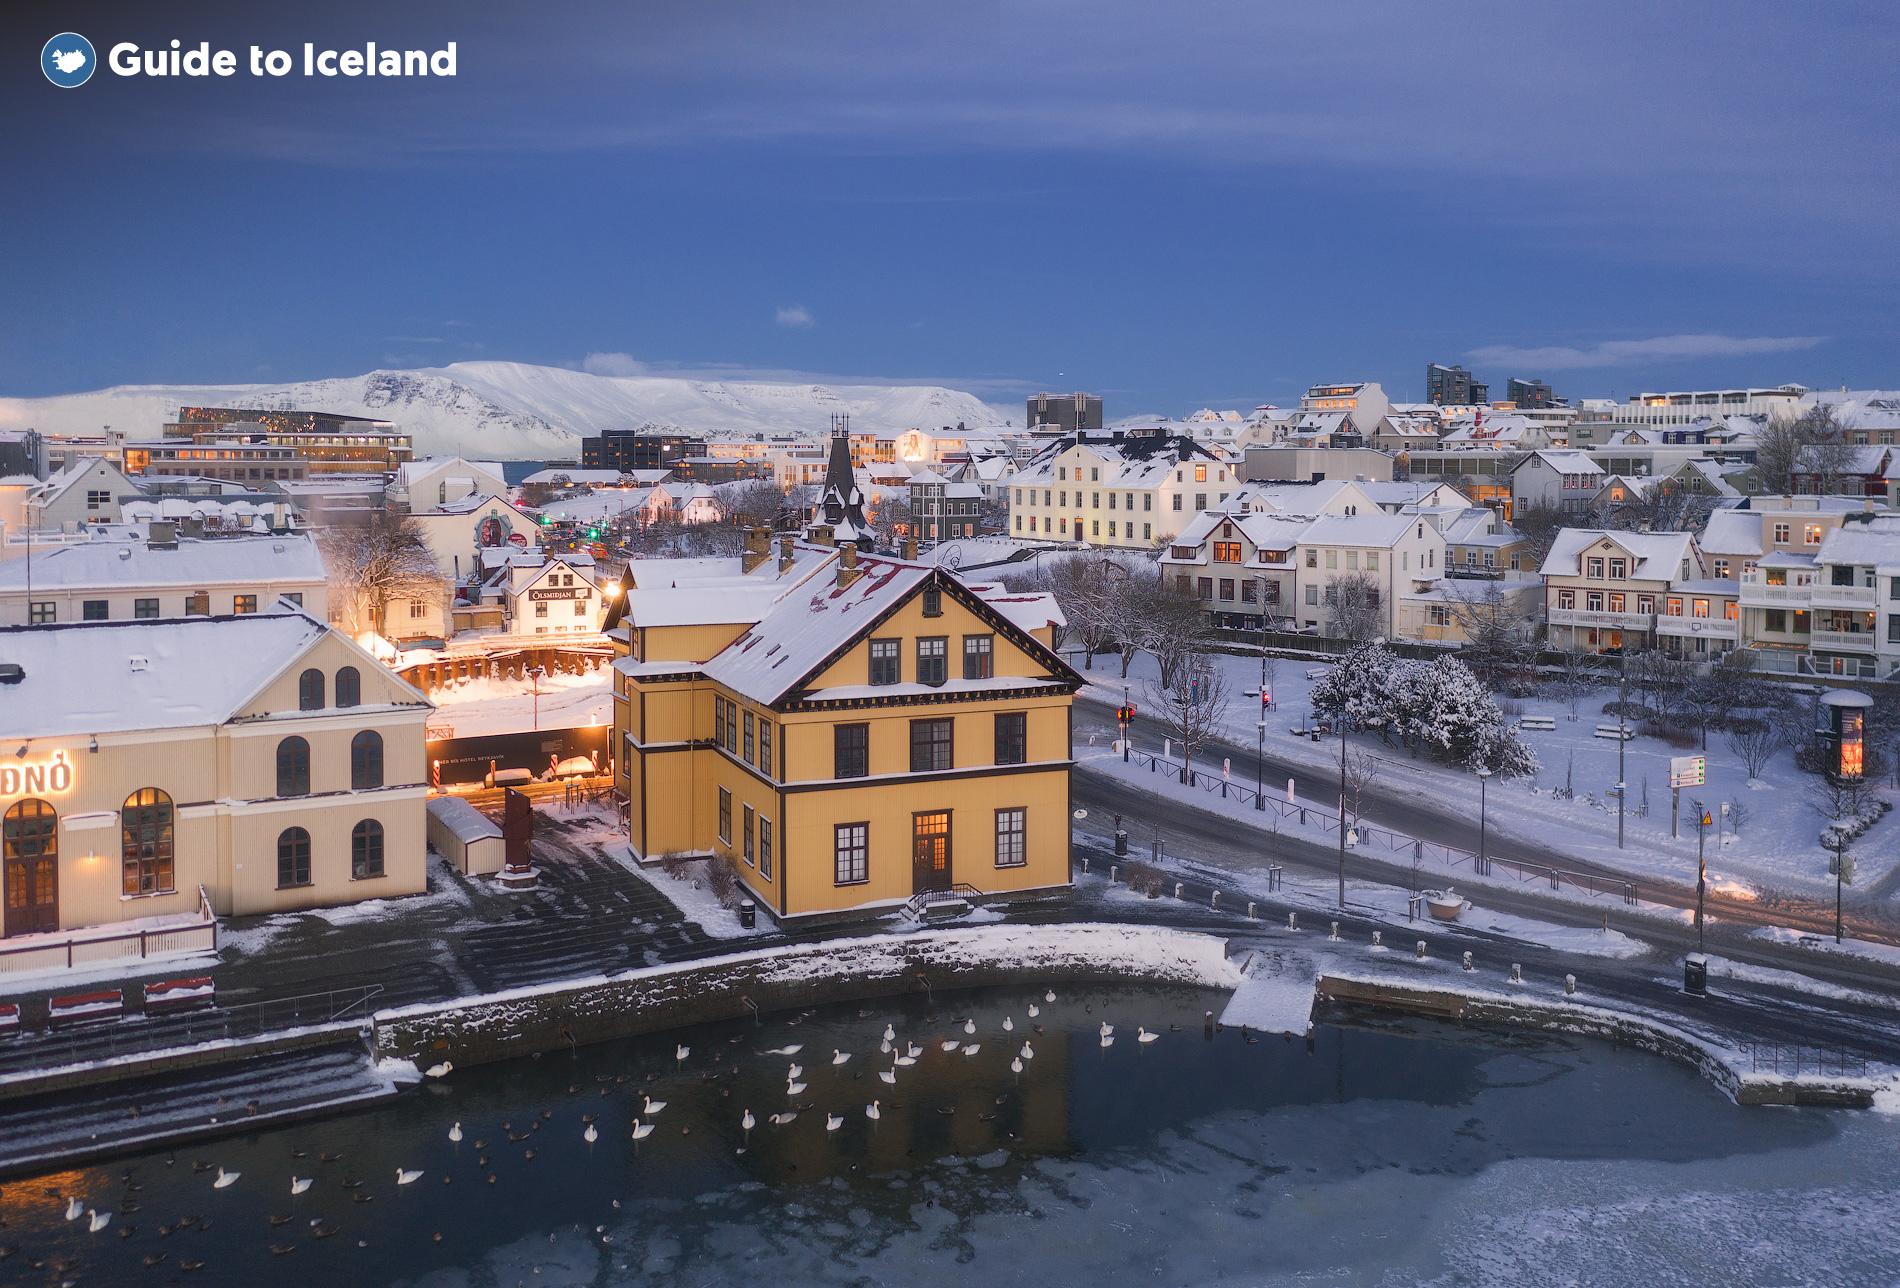 레이캬비크의 티외르닌 못 부근, 형형색색의 아름다운 건물.